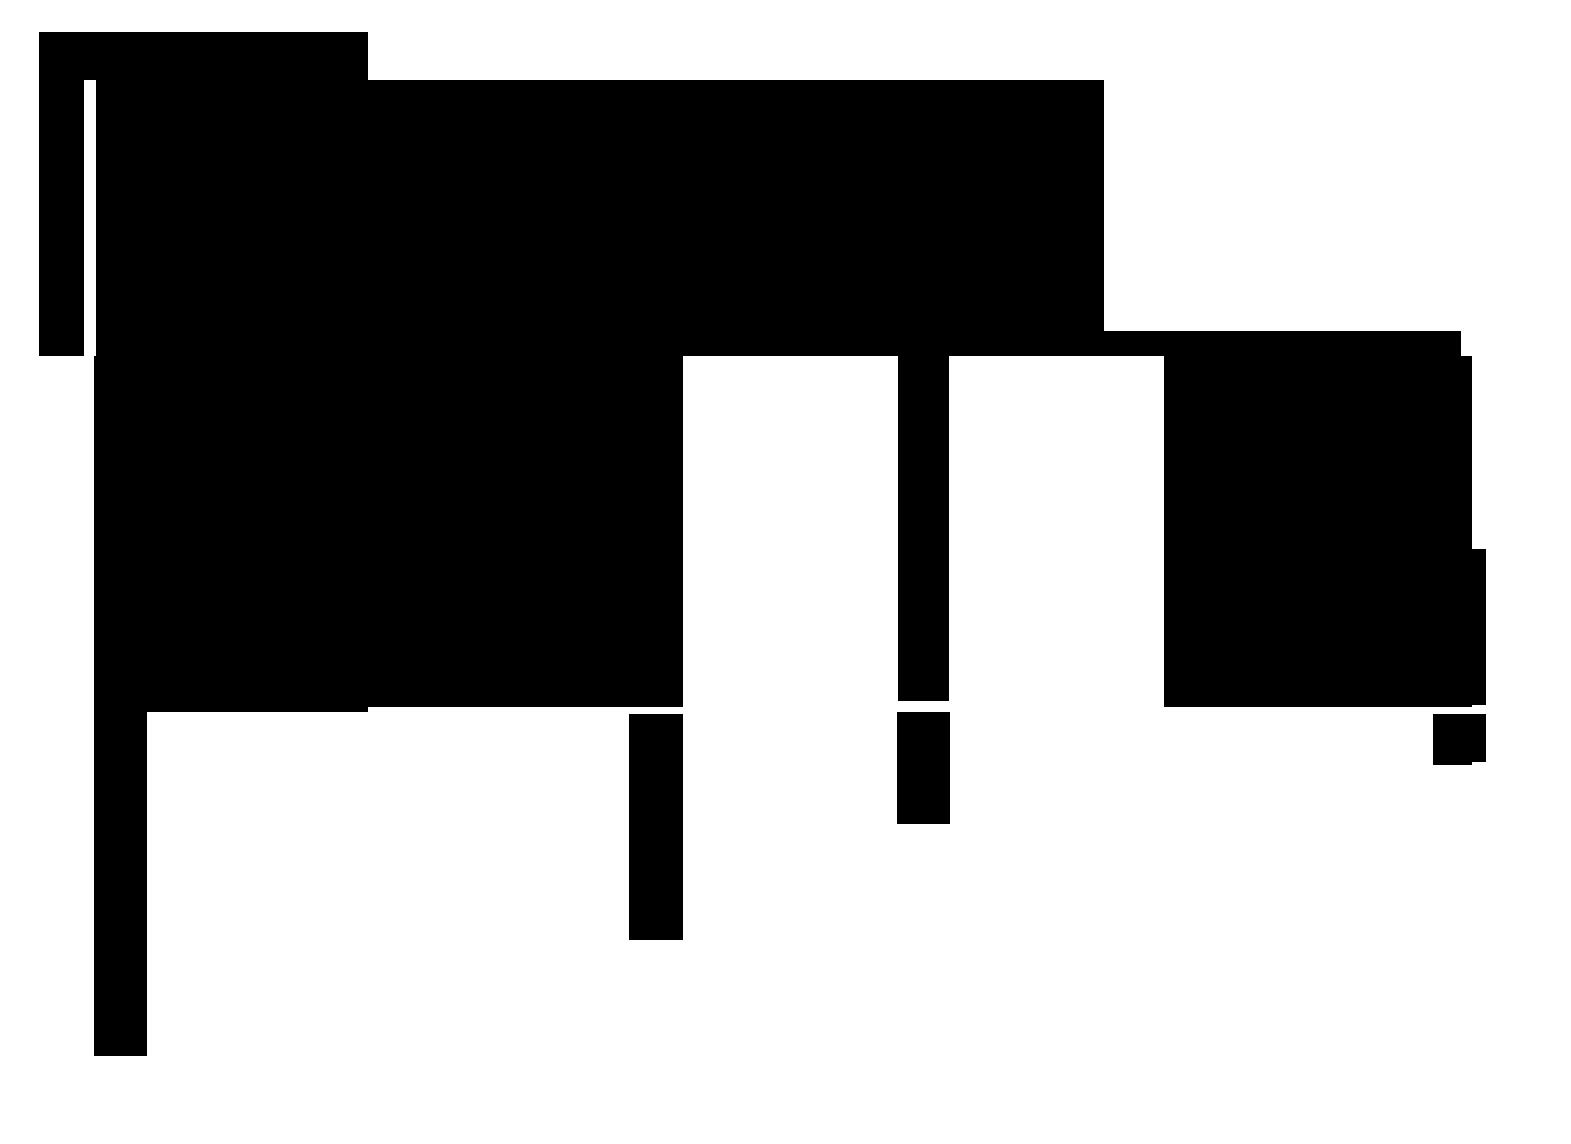 診療技術部組織図